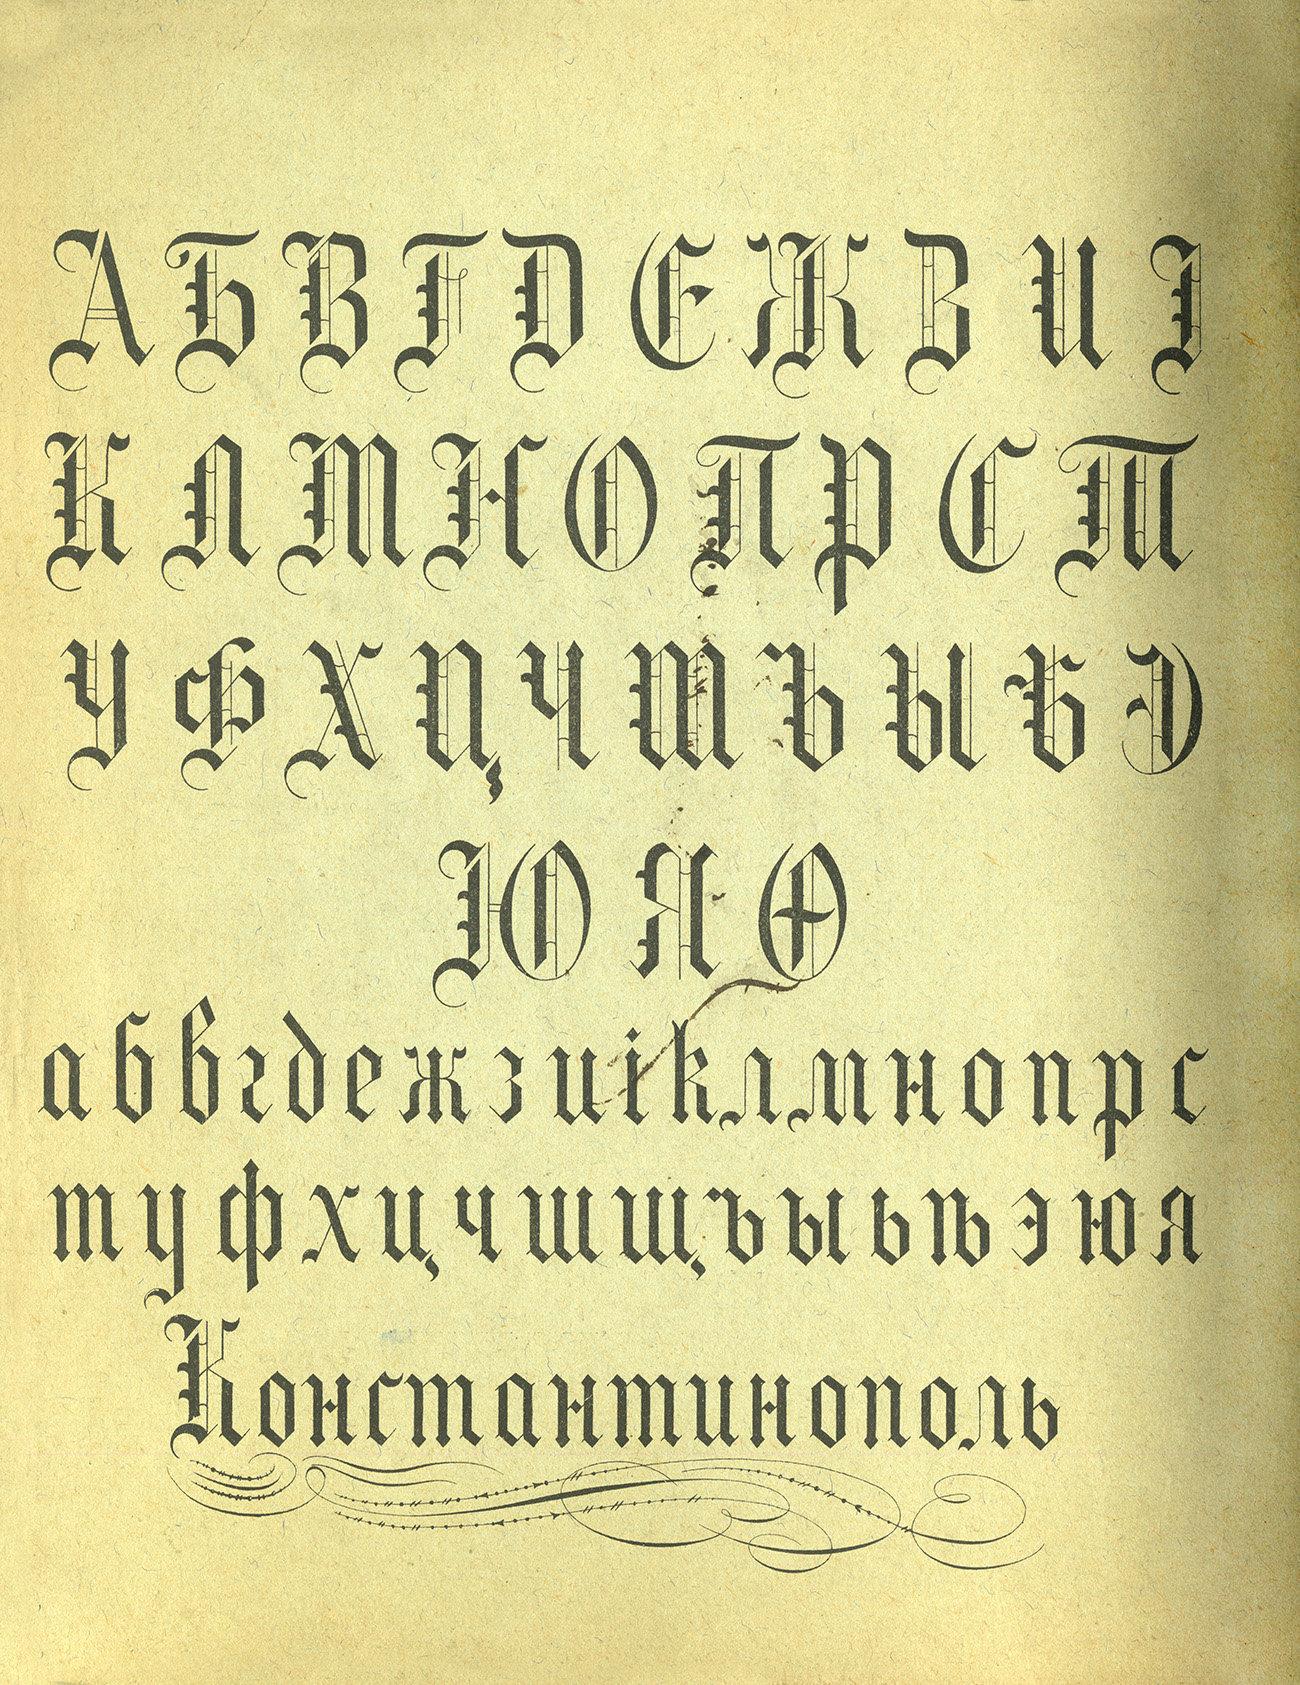 Тетрадь издательство Прогресс, стр. 2